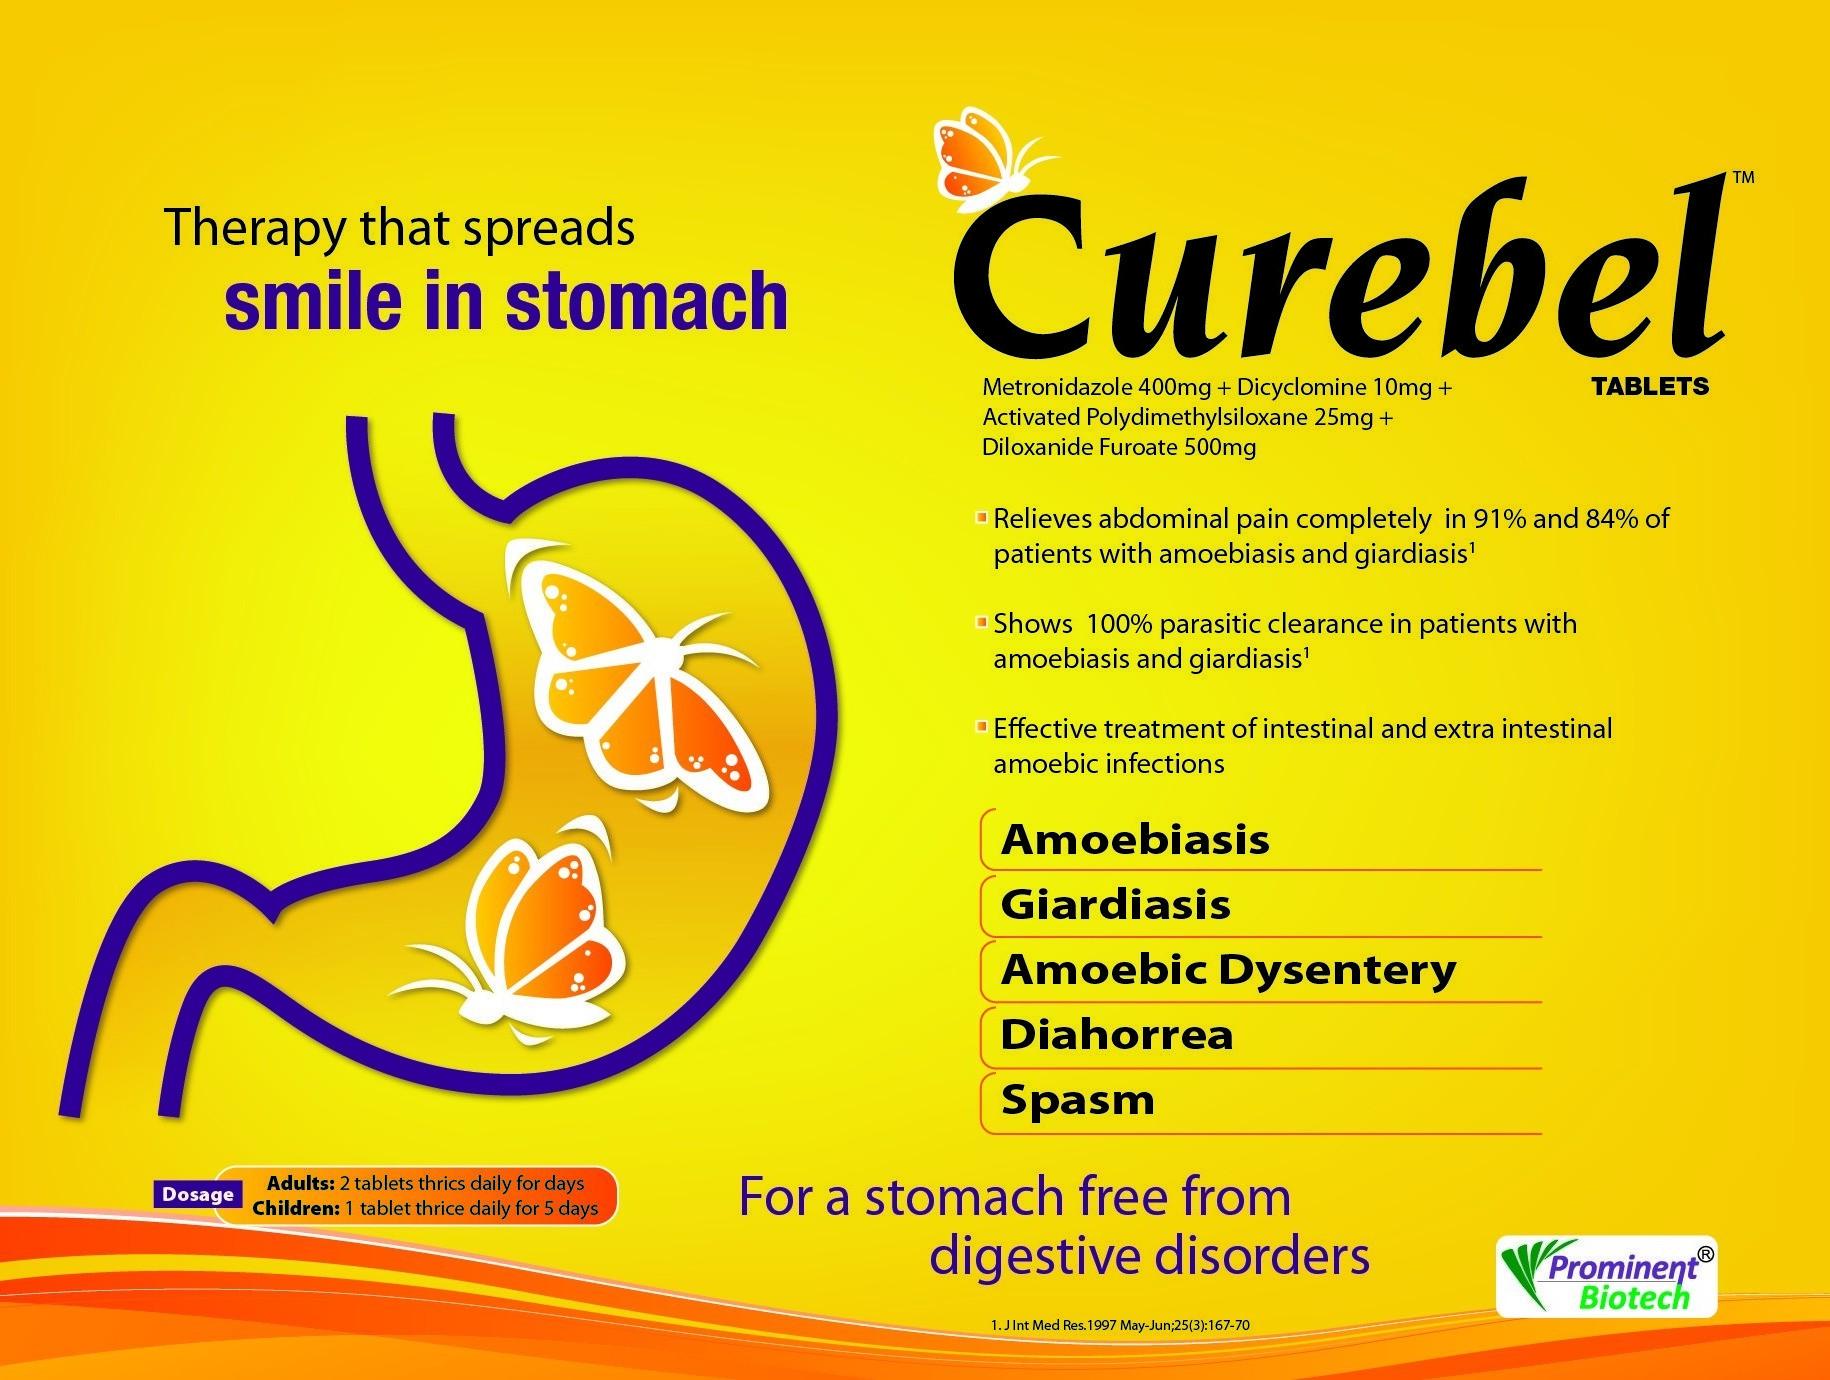 Dicyclomine 10 mg,Diloxanide Furoate 500 mg,Metronidazole 400 mg & Simethicone 25 mg